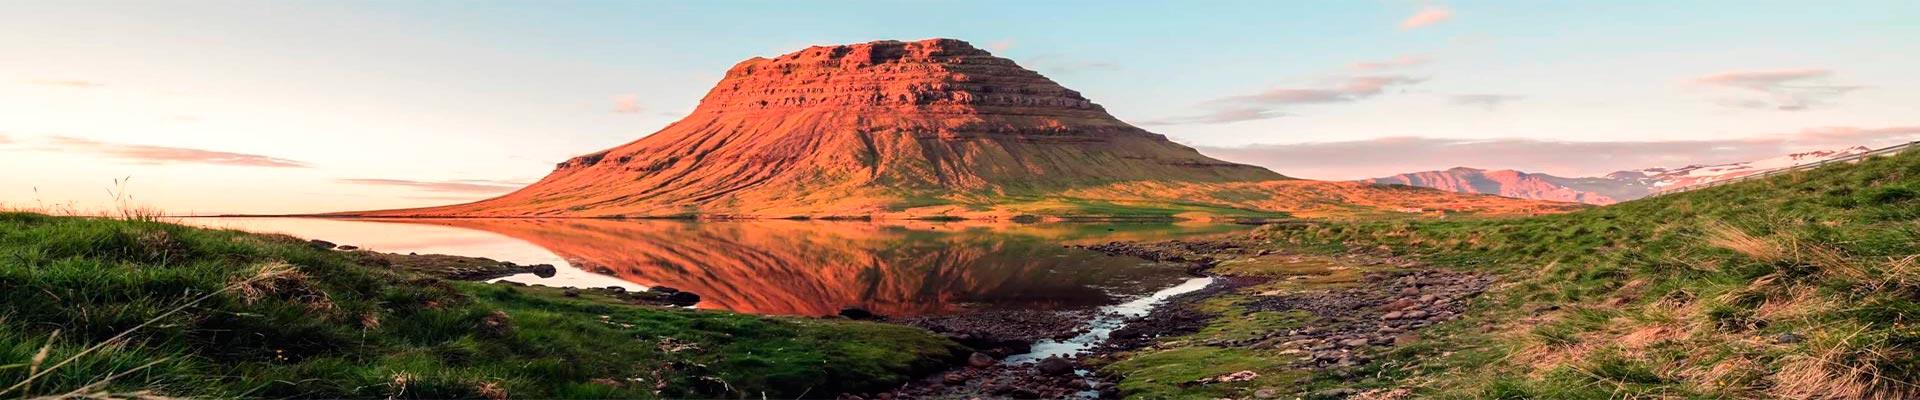 Pacote de viagem – Lendas da Islândia